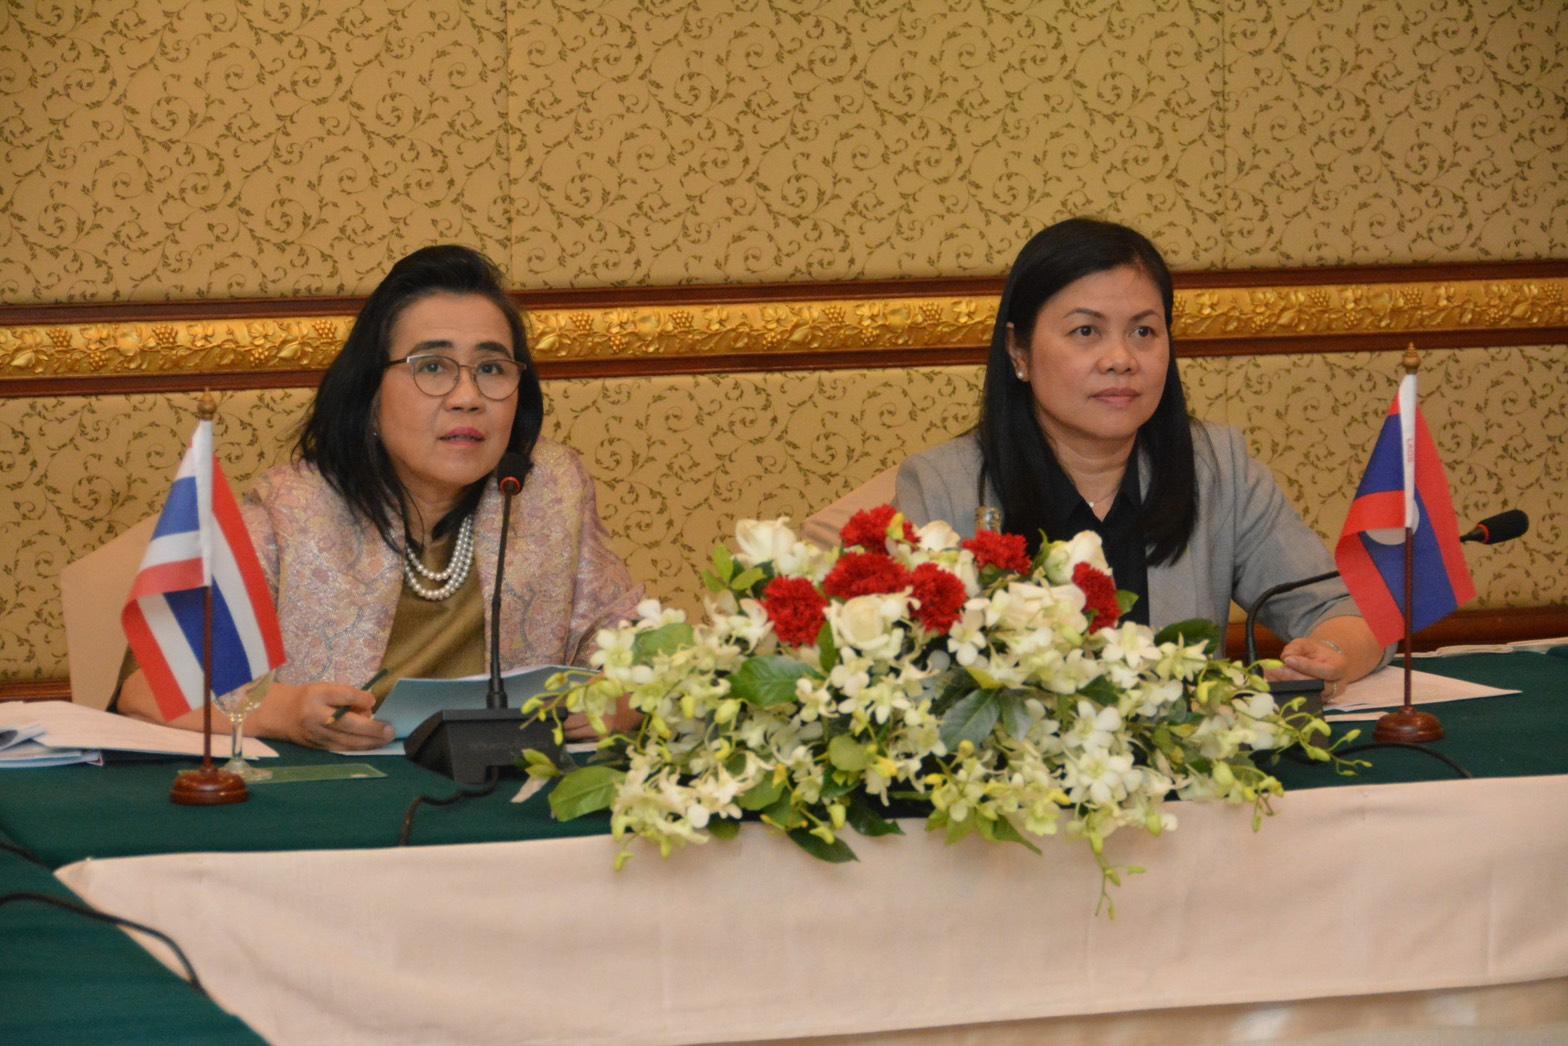 การประชุมระดับเจ้าหน้าที่อาวุโสด้านแรงงาน และการประชุมระดับรัฐมนตรีแรงงานไทย-ลาว